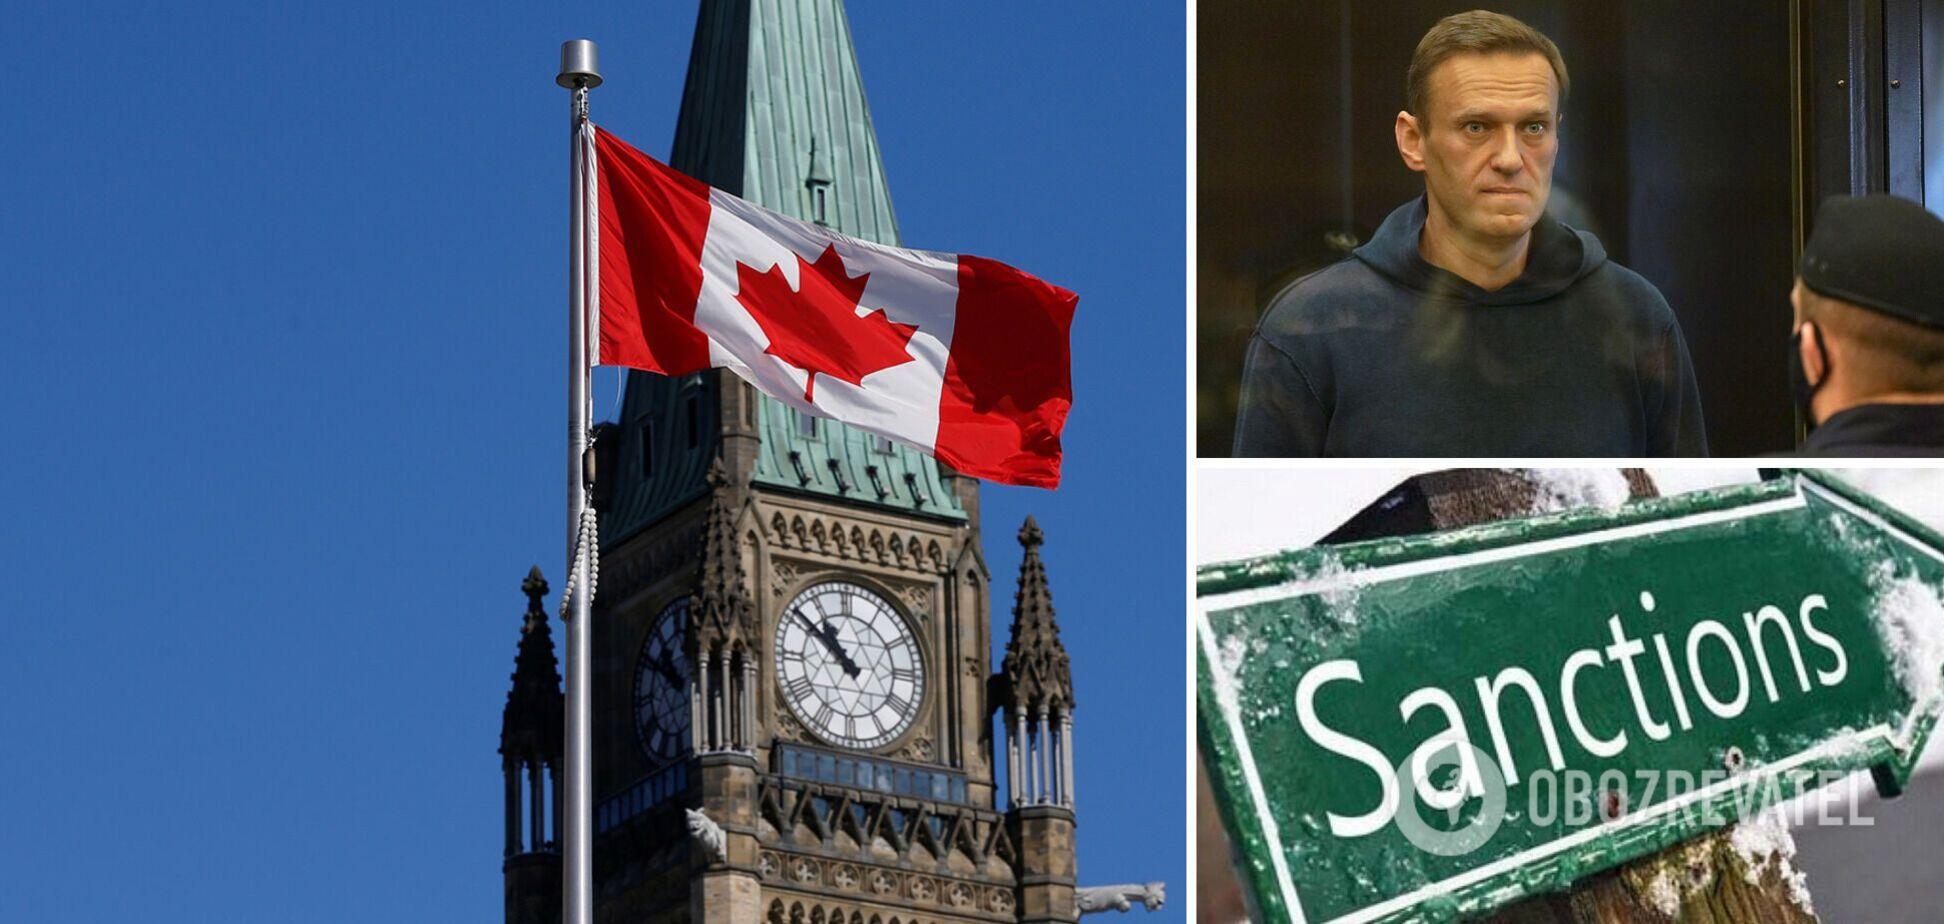 Канада ввела санкции против главы ФСБ и еще 8 российских чиновников